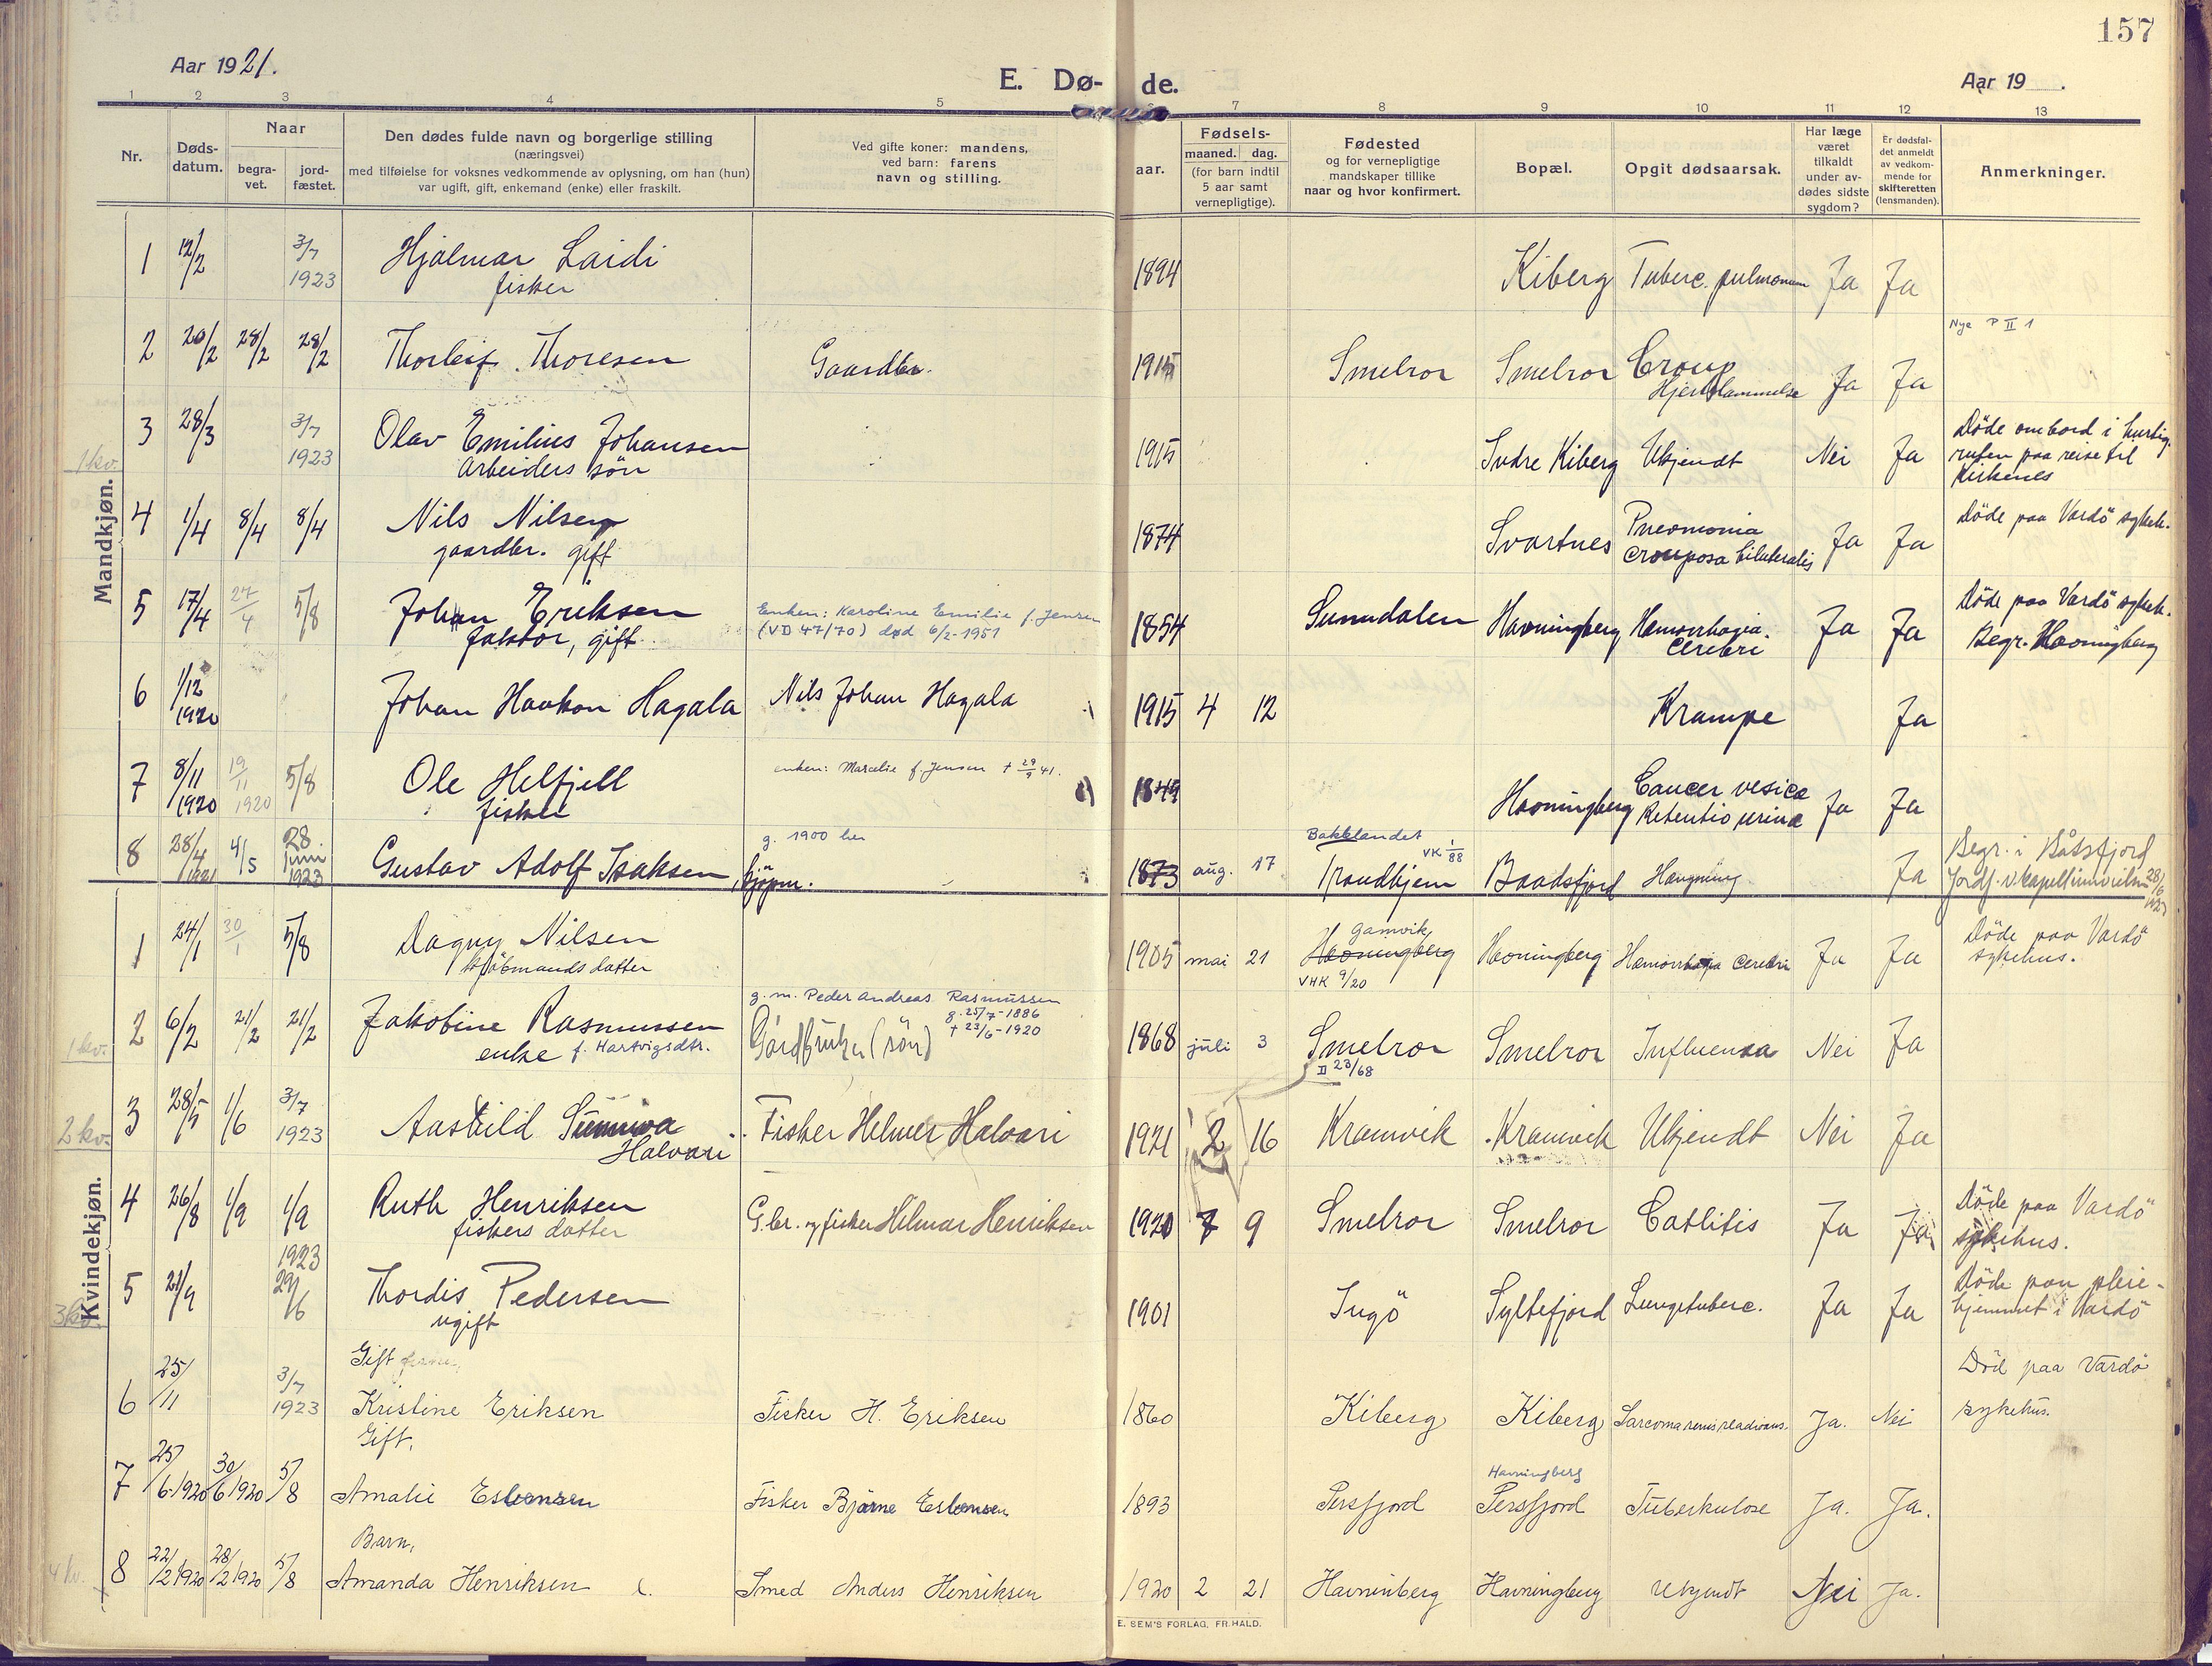 SATØ, Vardø sokneprestkontor, H/Ha/L0013kirke: Ministerialbok nr. 13, 1912-1928, s. 157